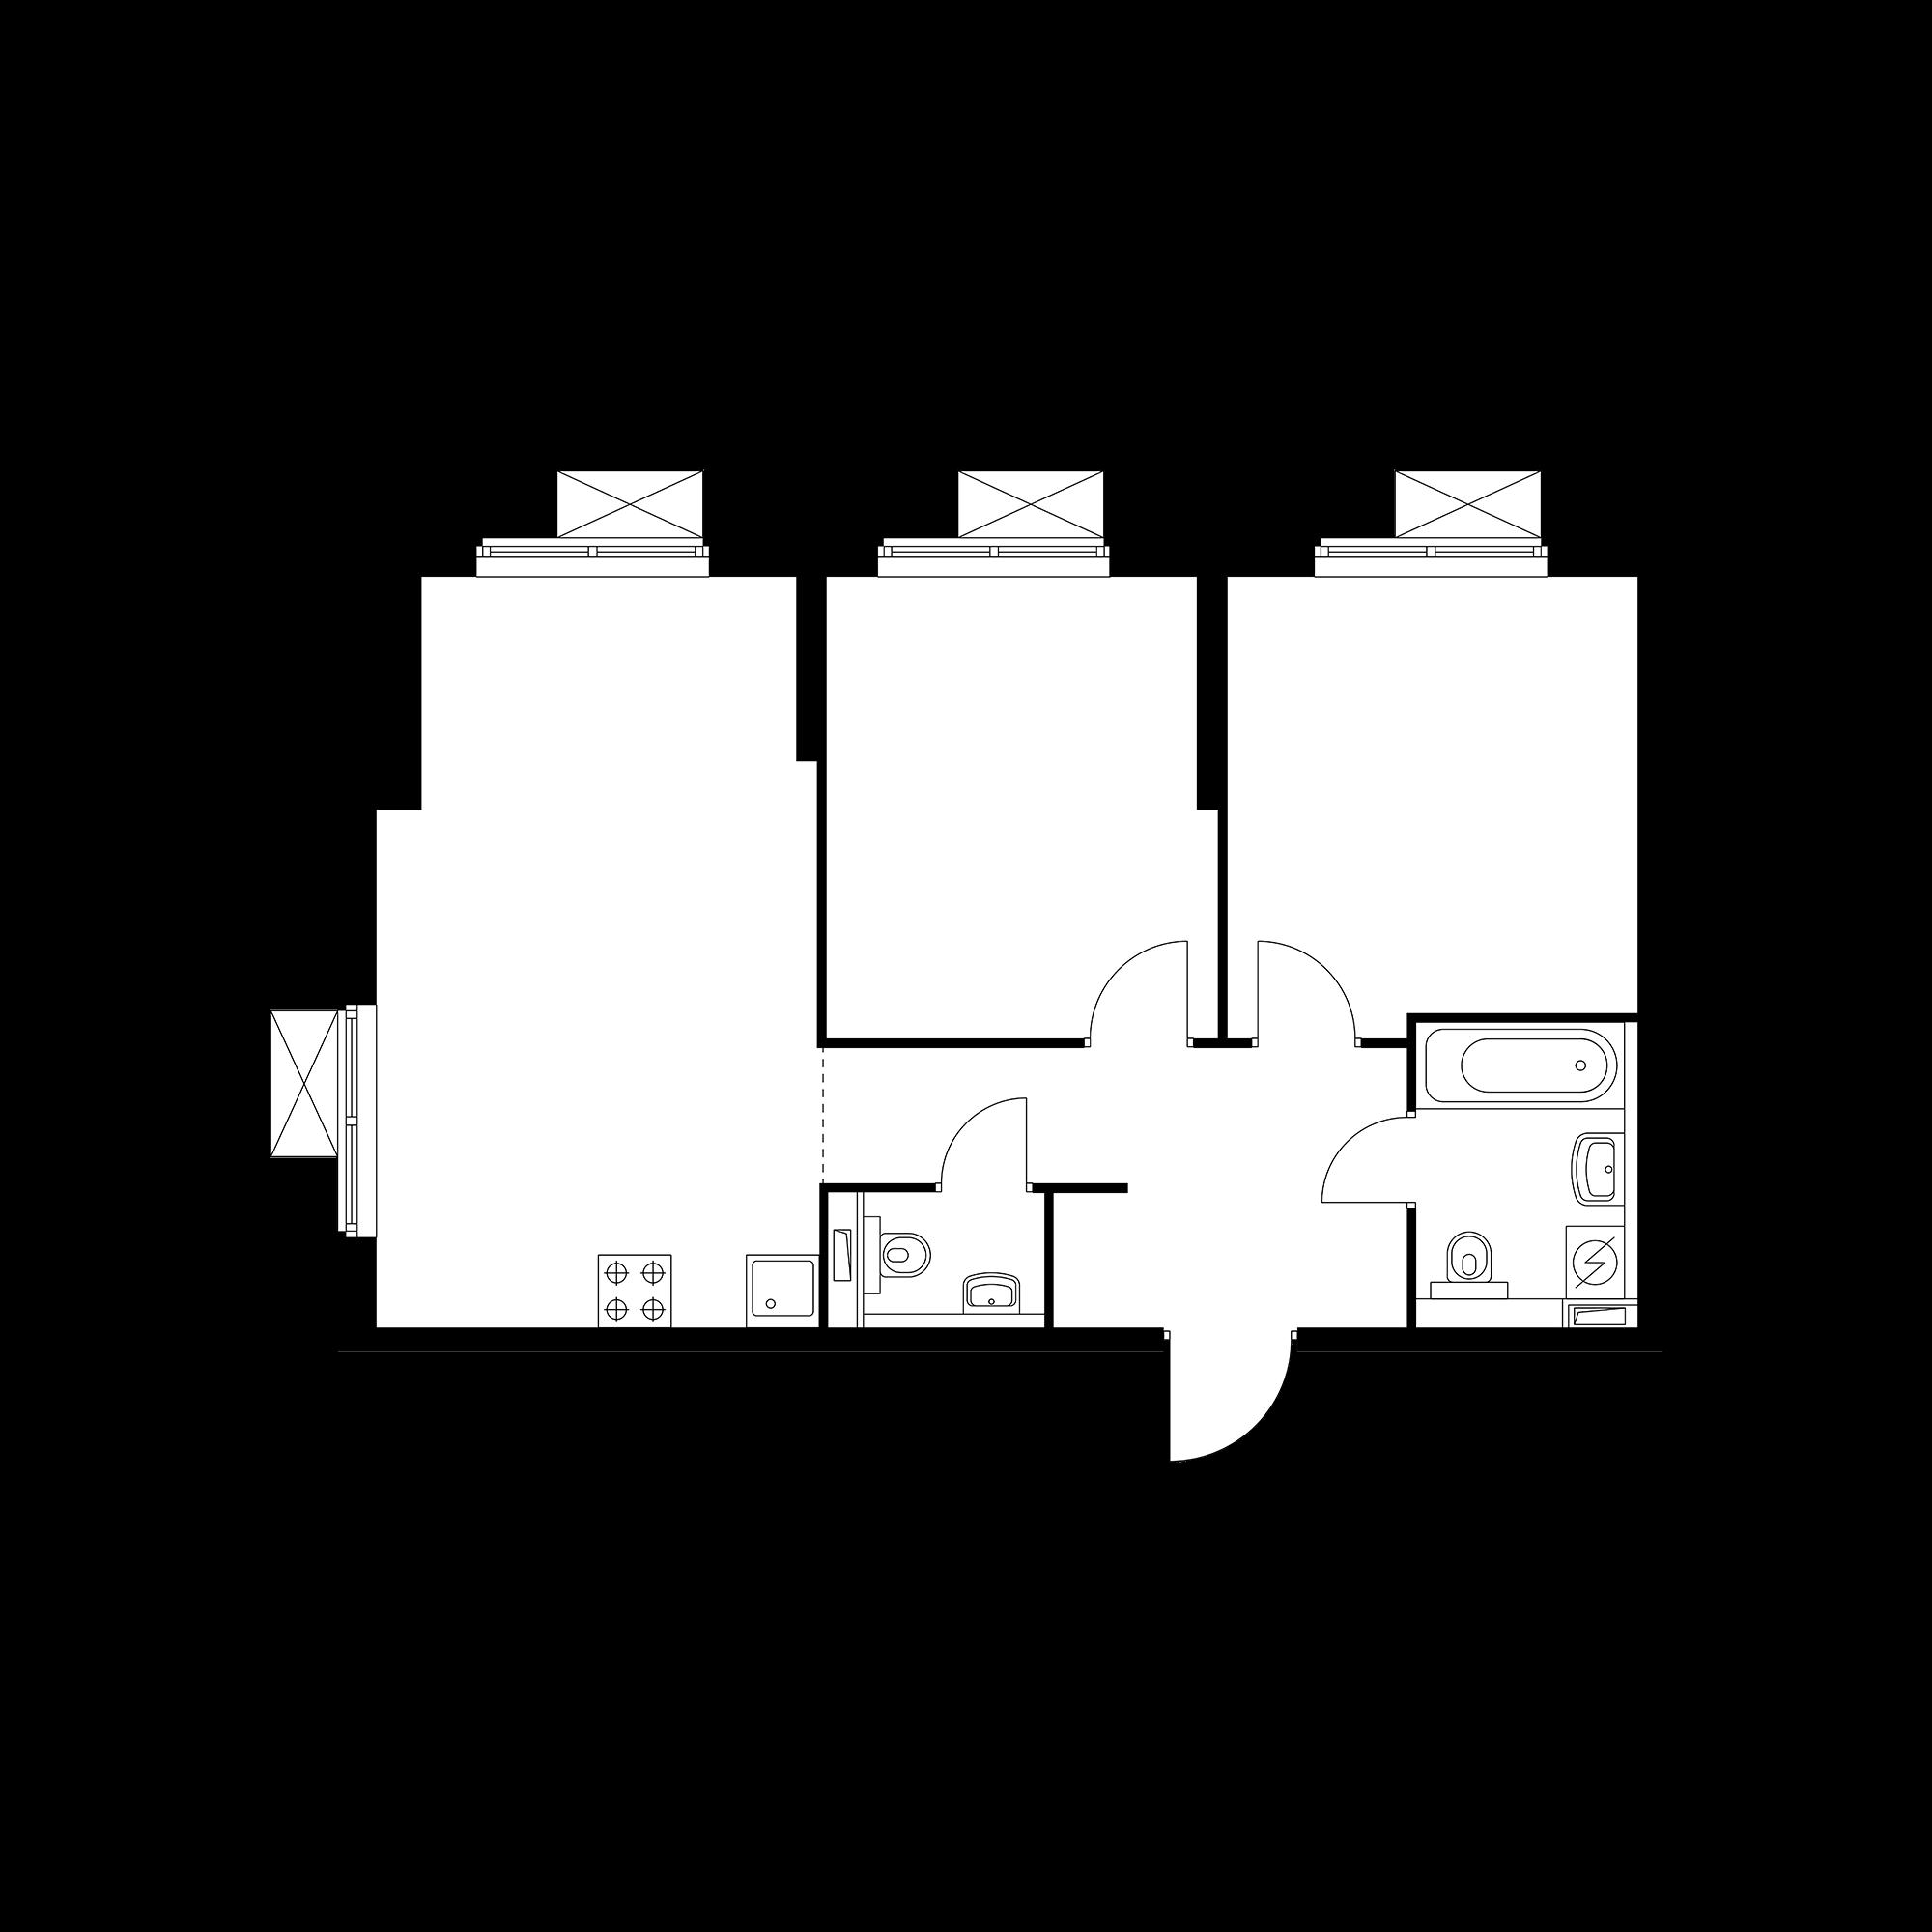 2-комнатная 60.58 м²